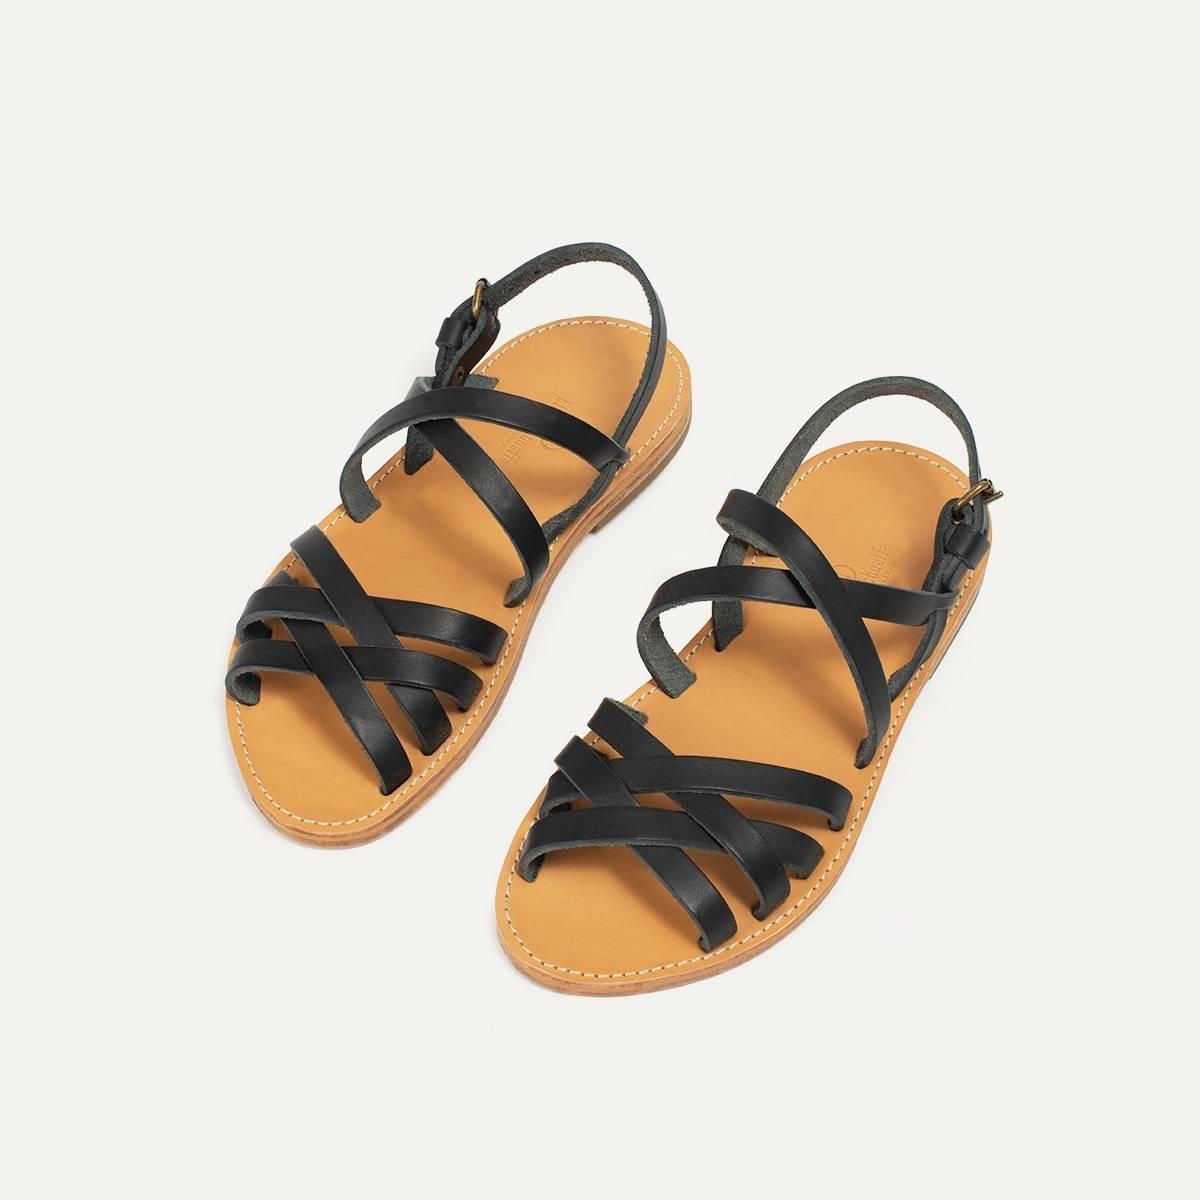 Sandales cuir Majour - Noir (image n°4)